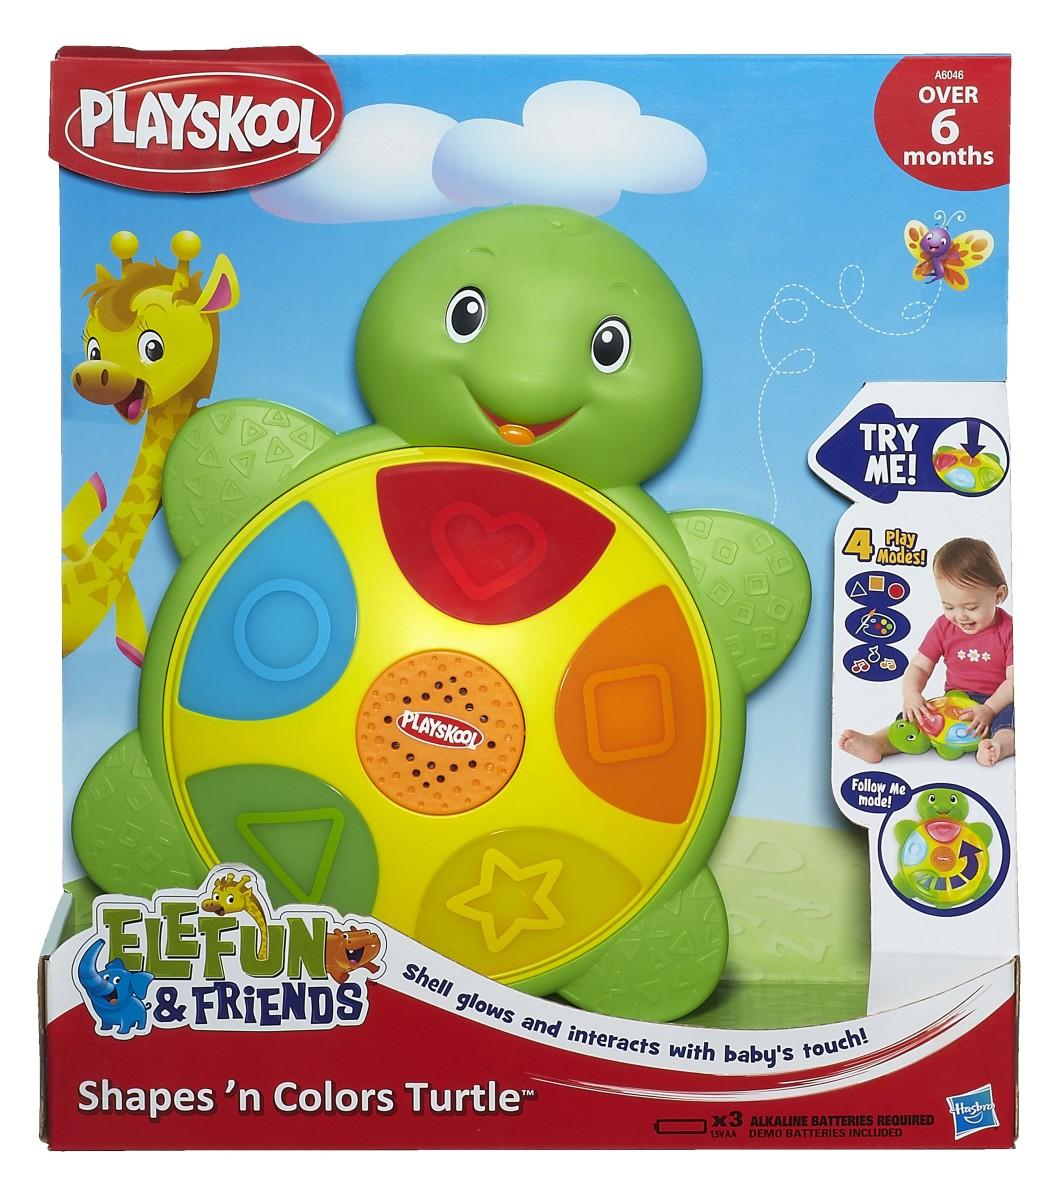 Playskool Core Shapes 'N Colors Turtle toy - IP